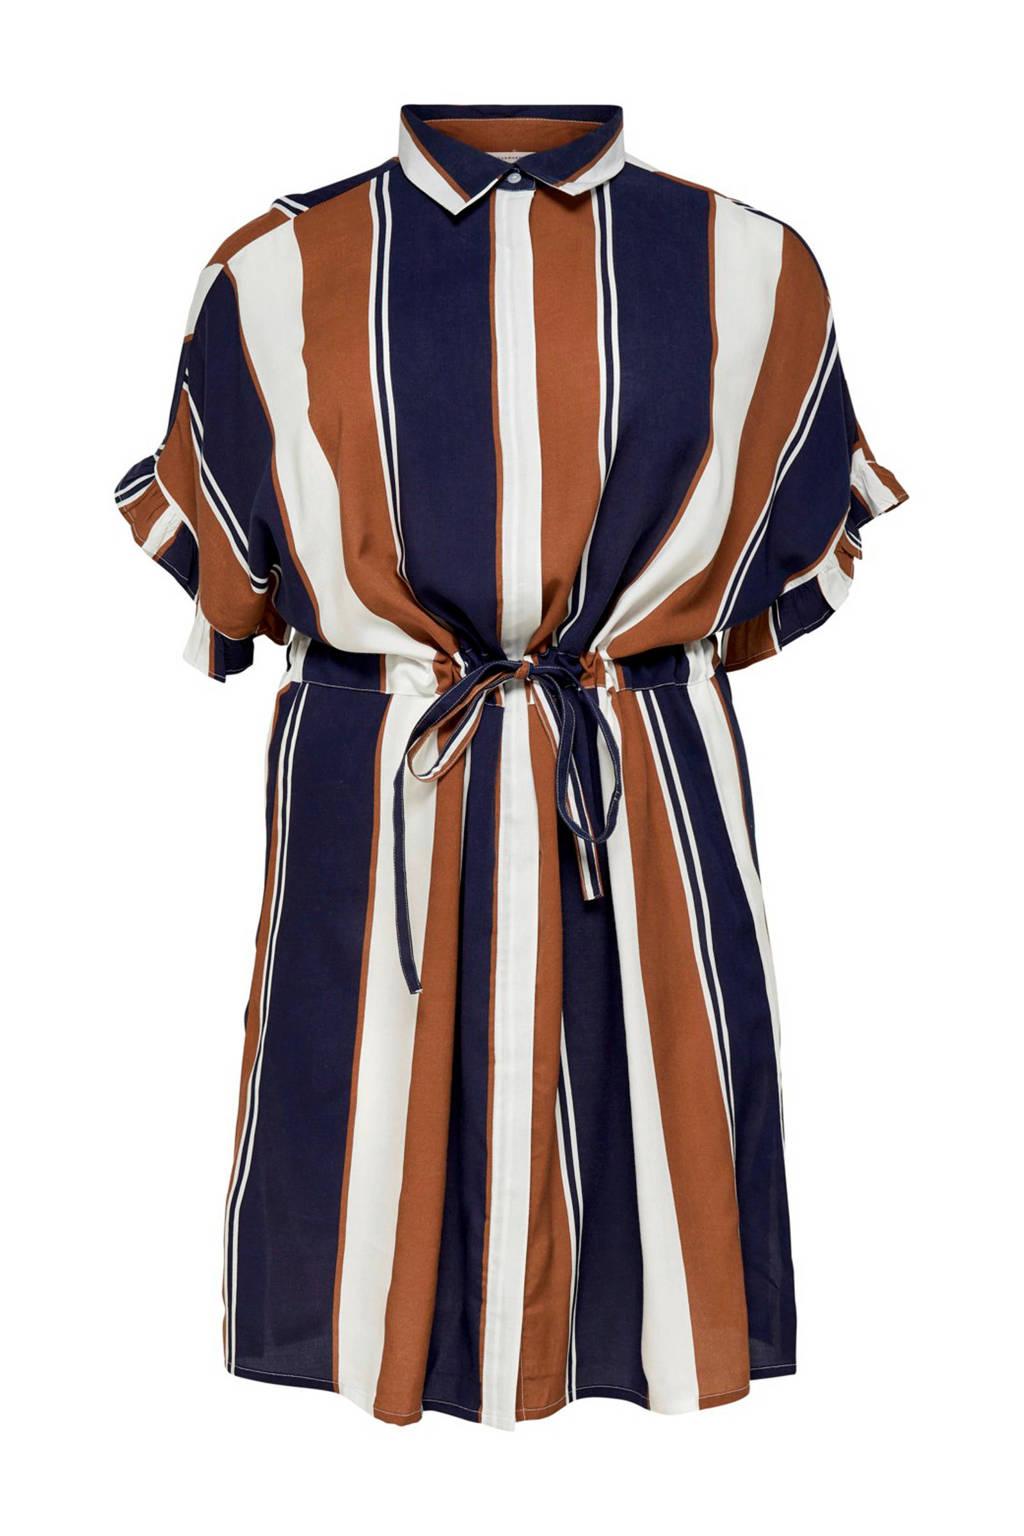 ONLY carmakoma gestreepte jurk met strikceintuur, donkerblauw/bruin/ecru